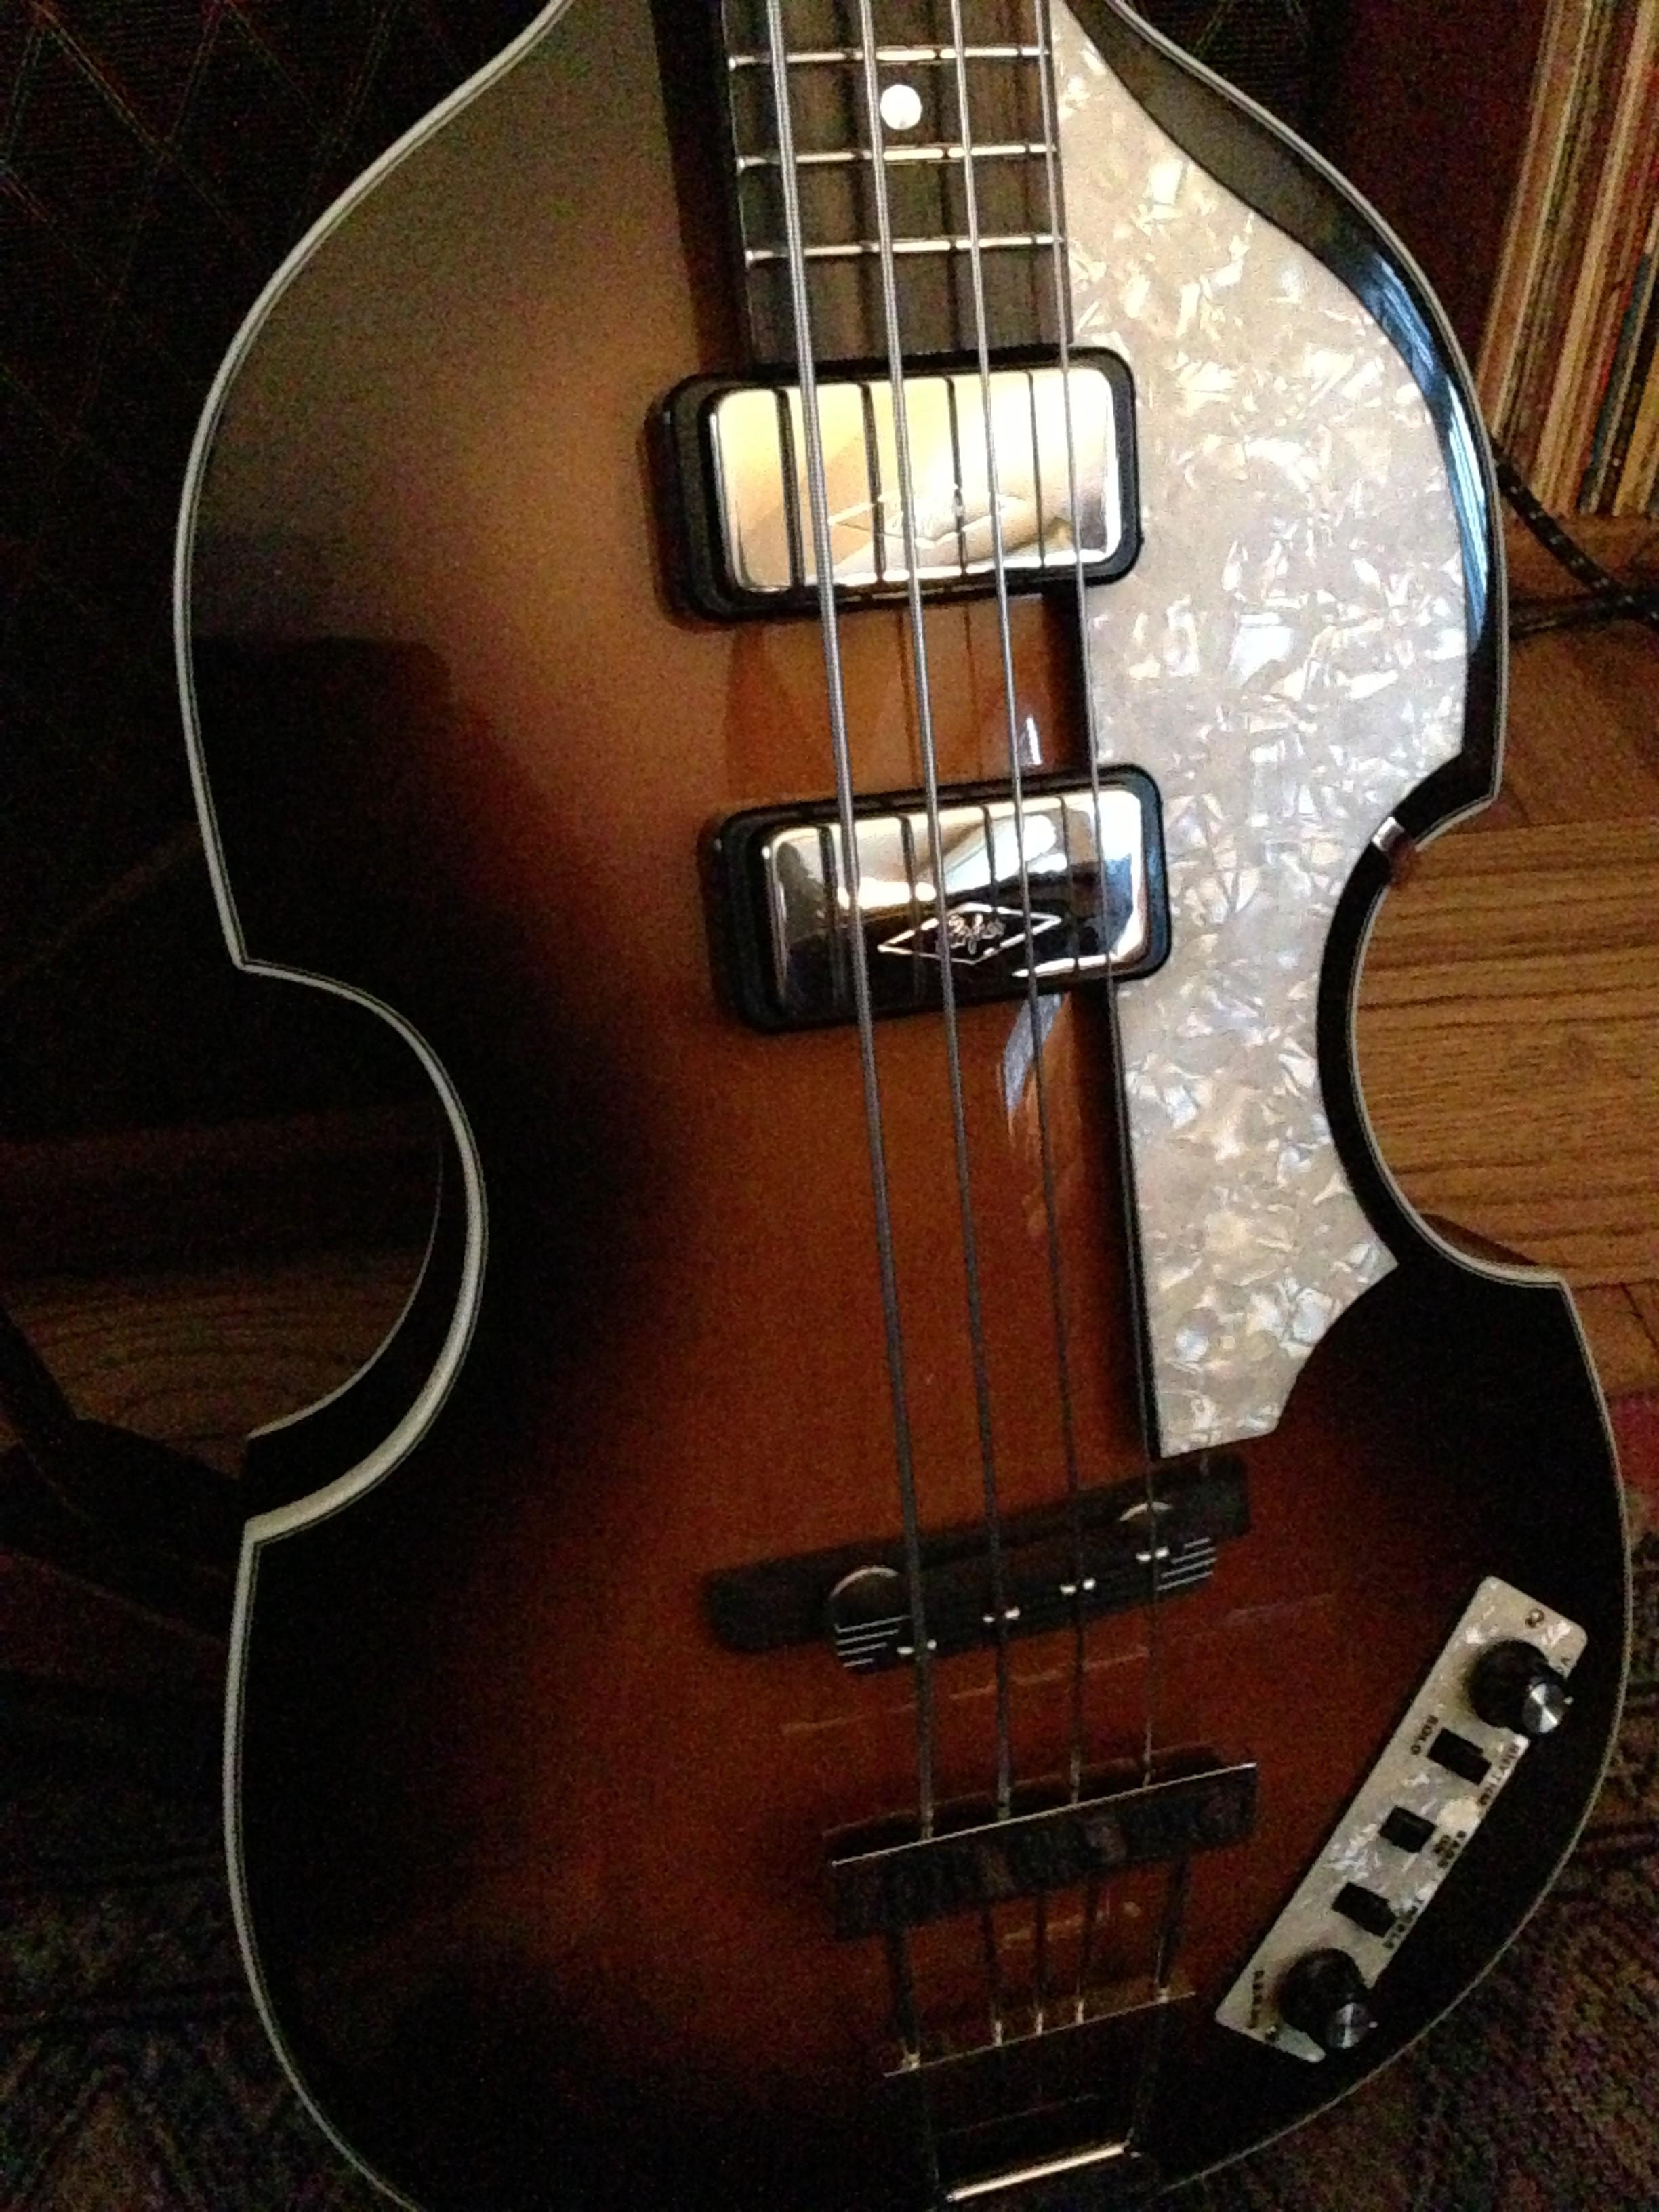 Höfner 500/1 violin bass